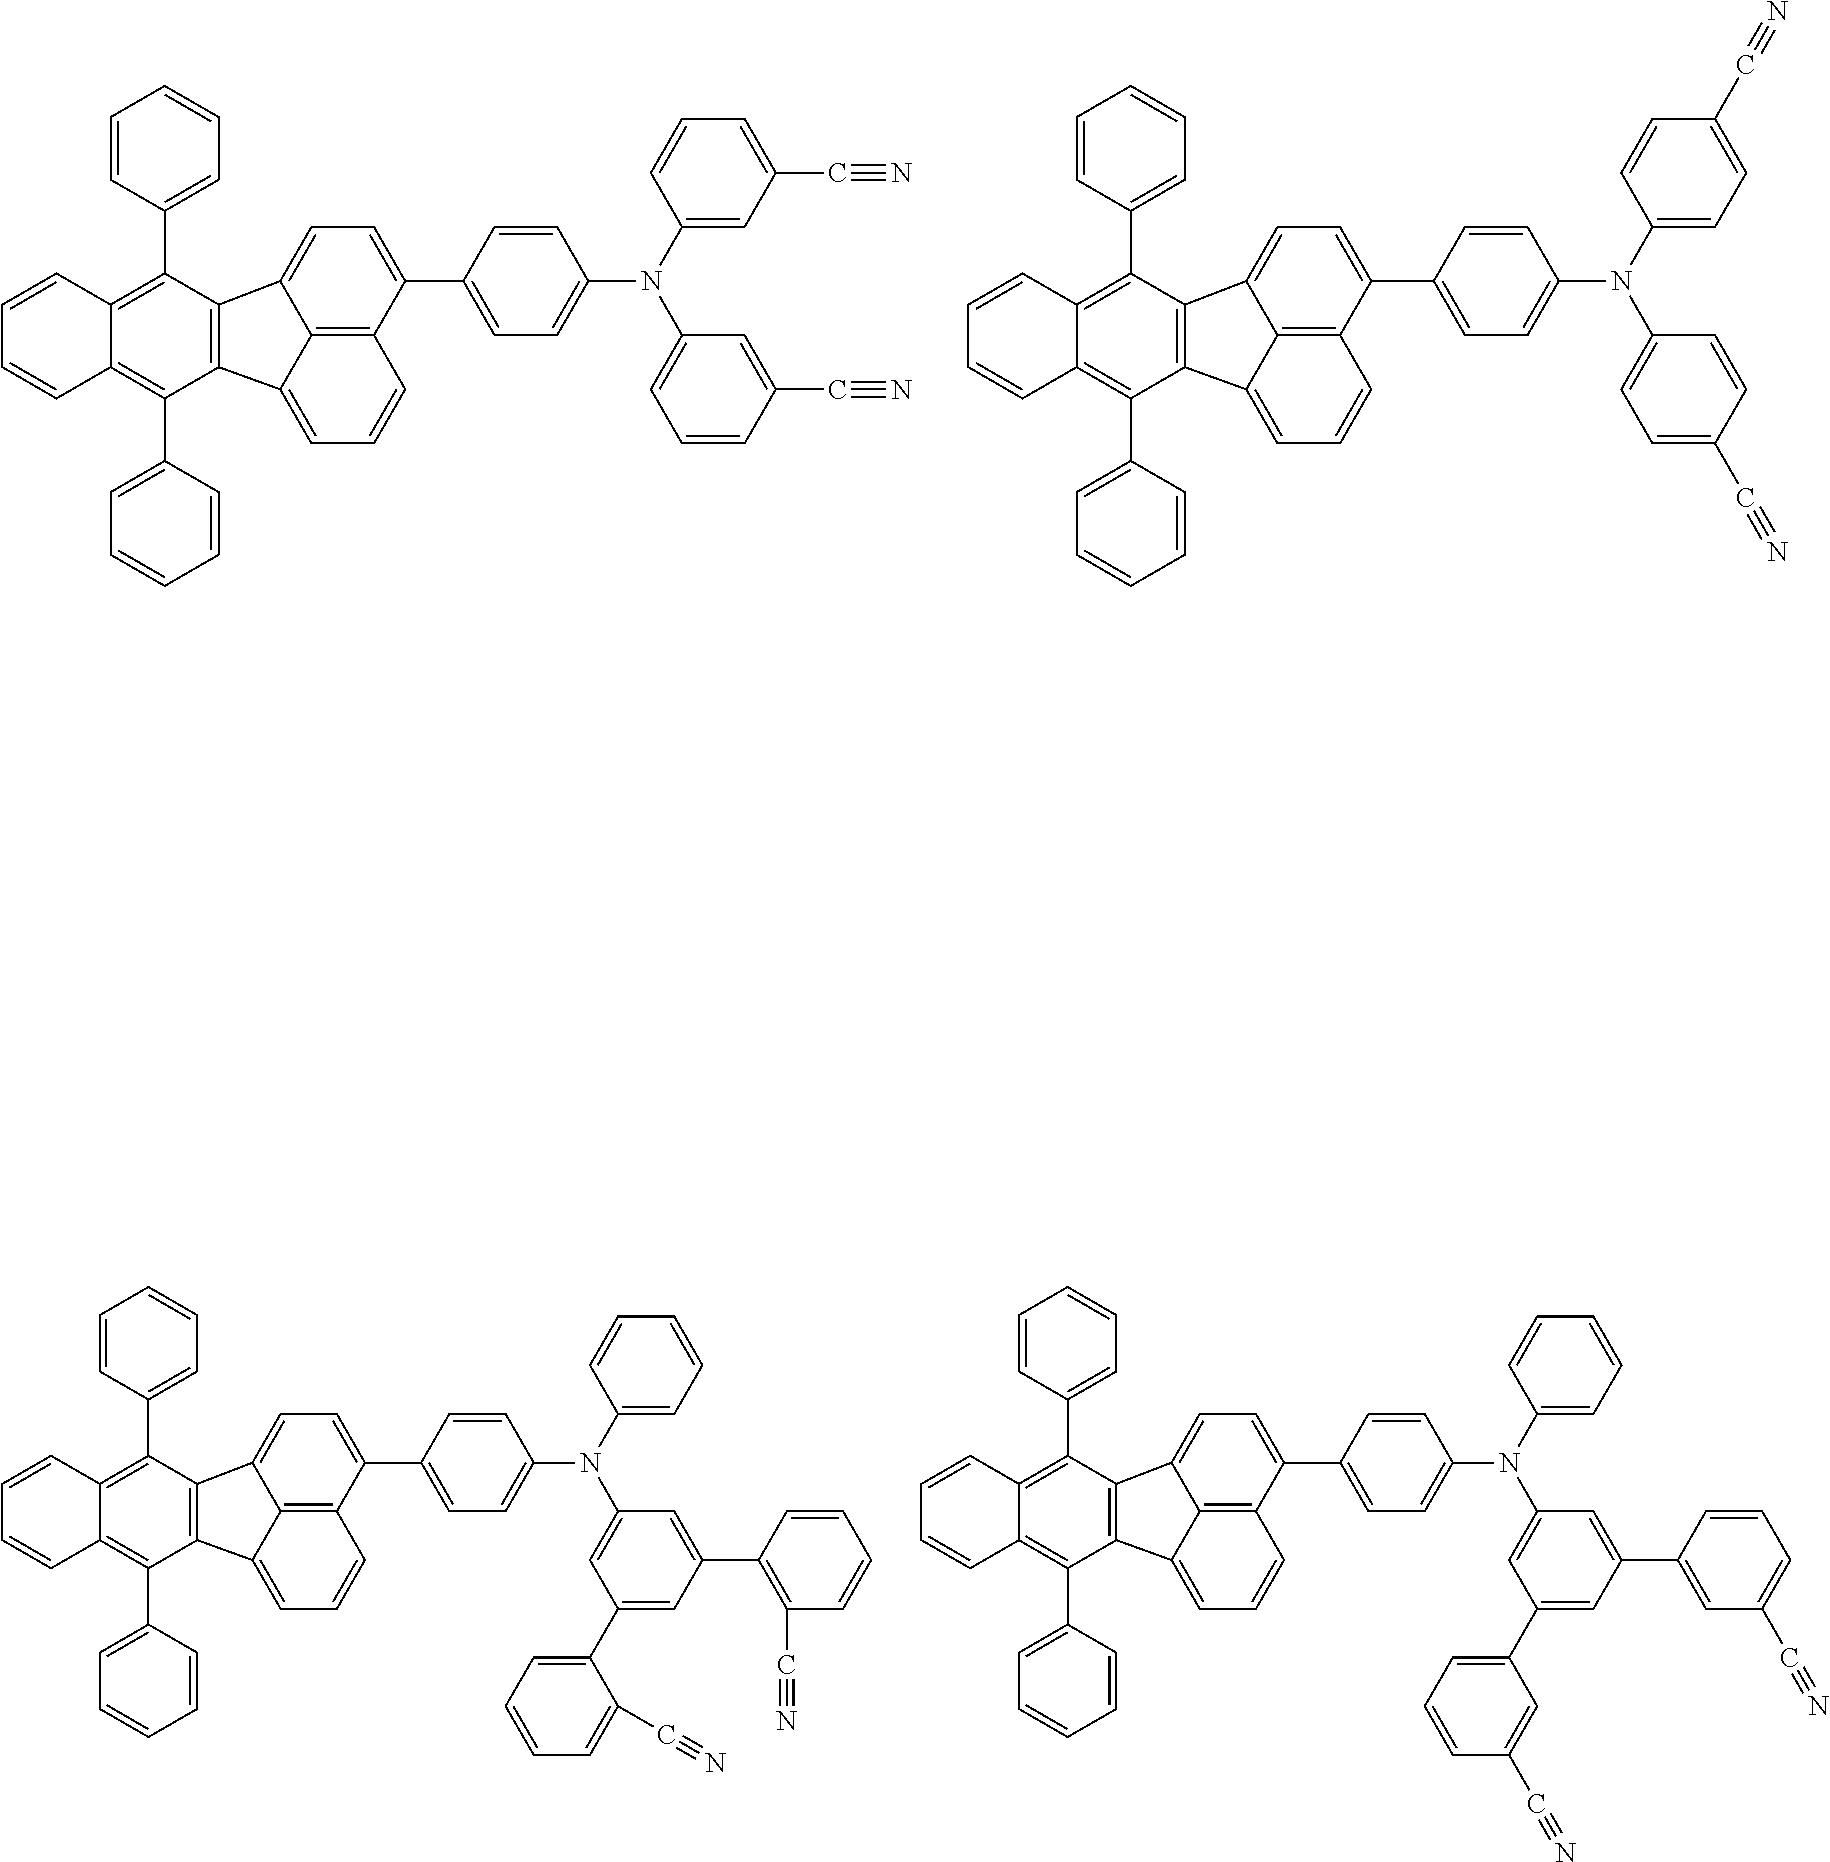 Figure US20150280139A1-20151001-C00064